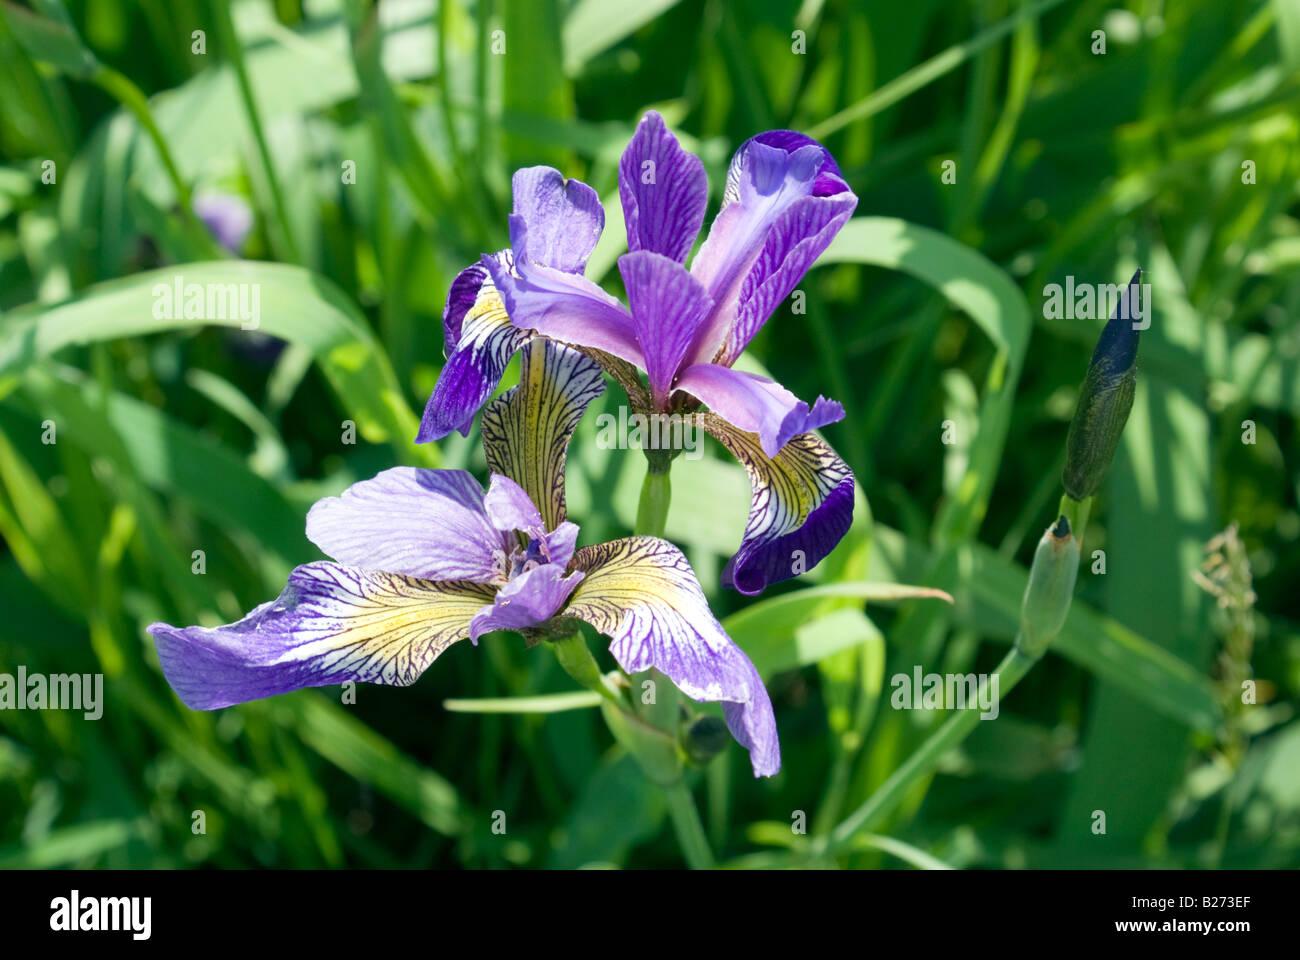 Iris flower garden stock photos iris flower garden stock images iris flower garden domaine joly de lotbiniere stock image izmirmasajfo